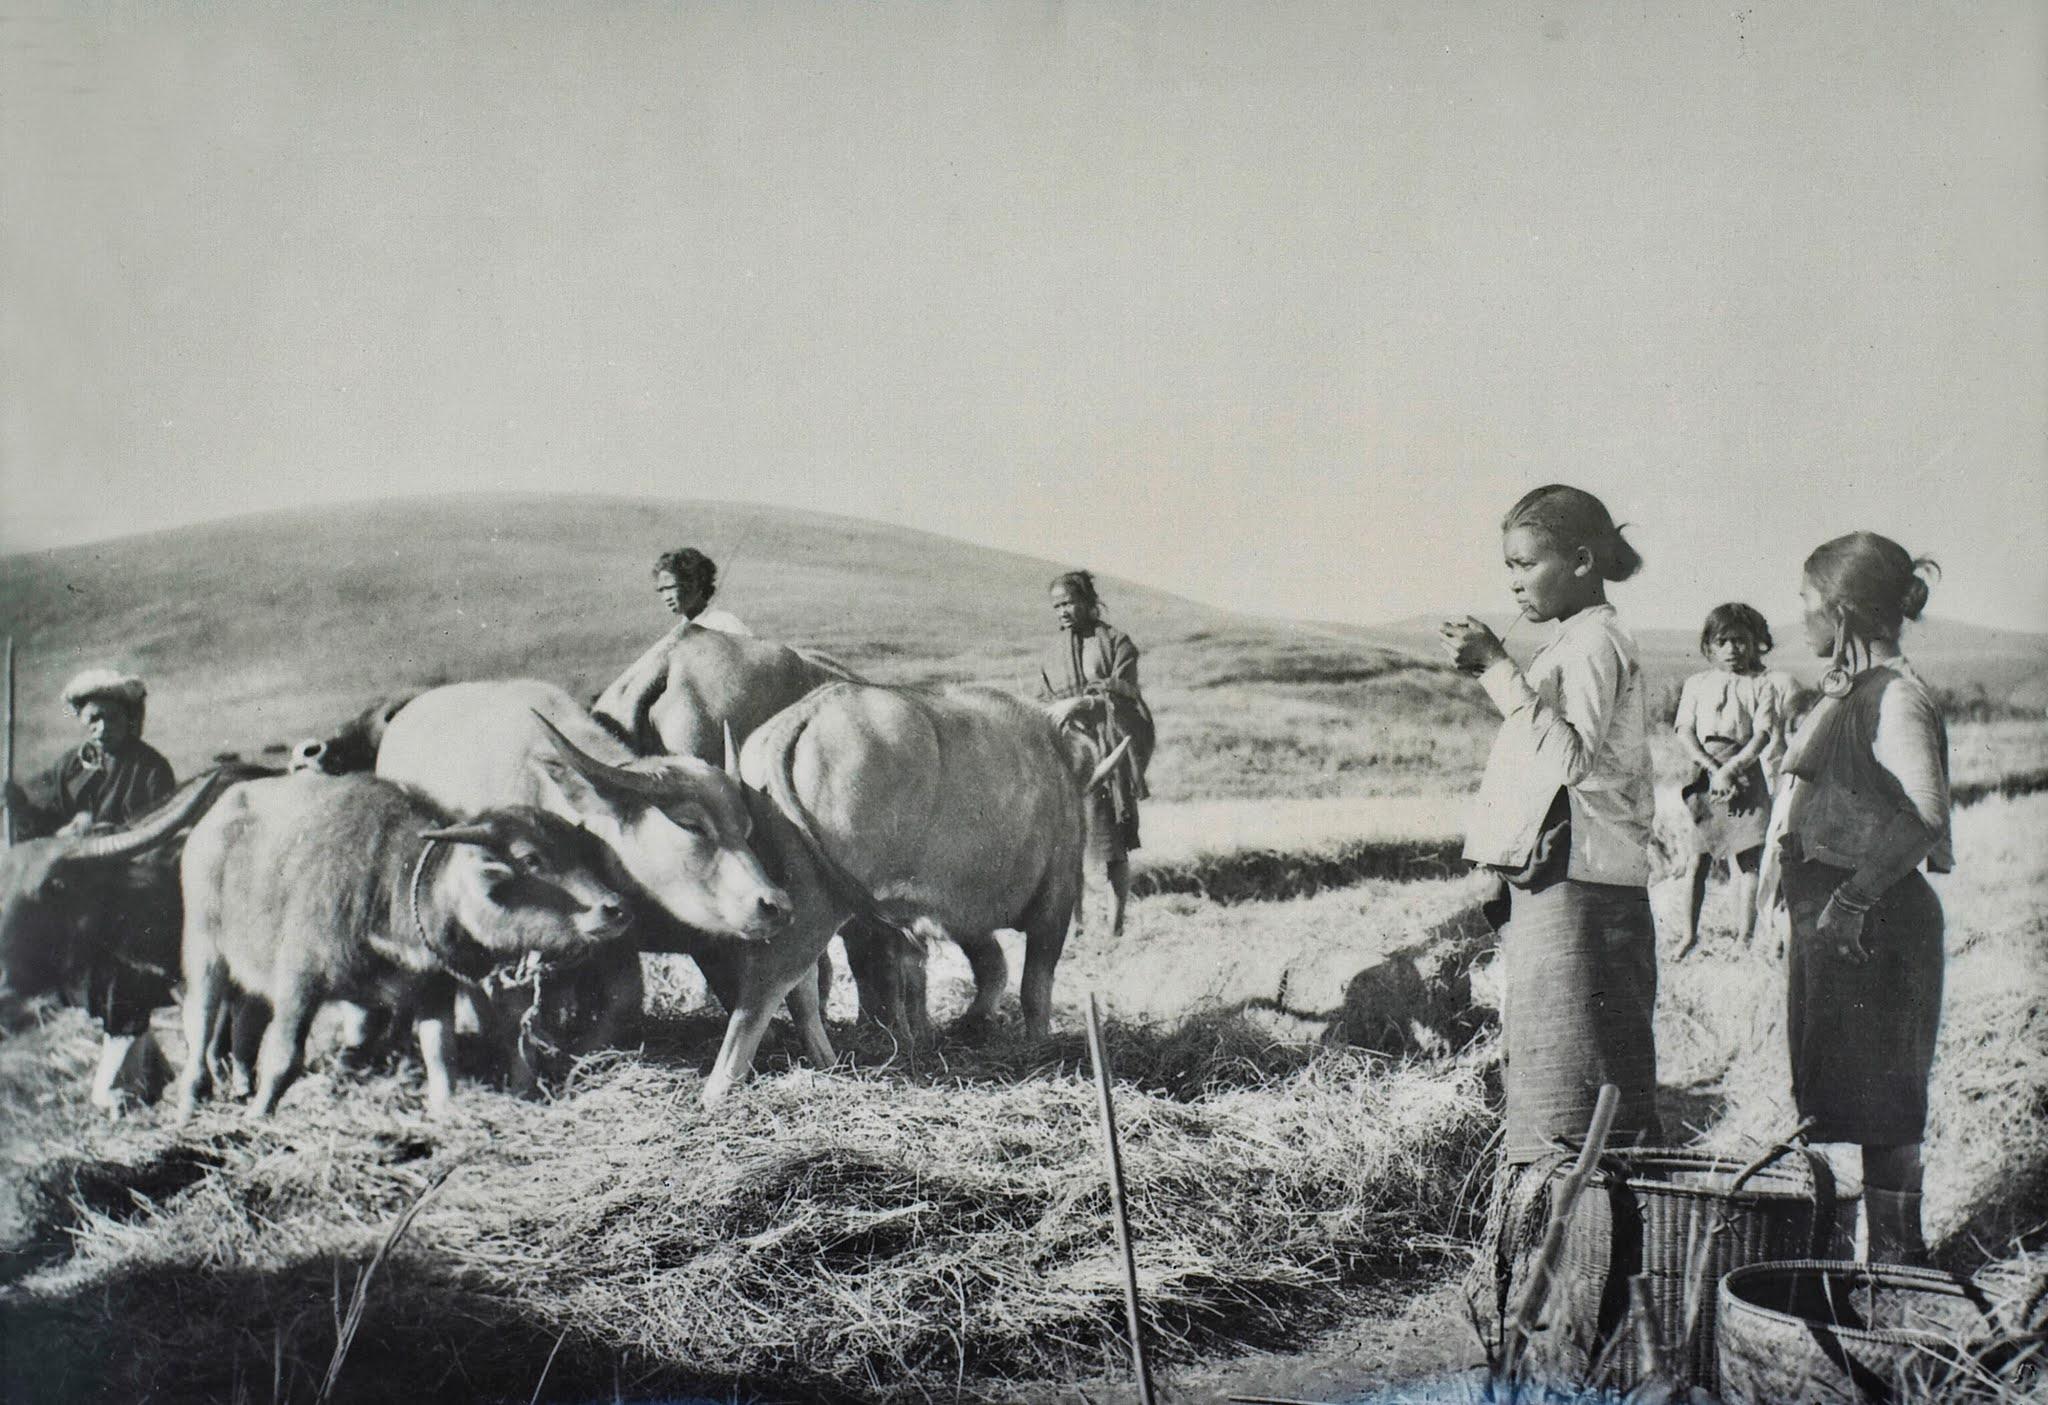 Hình ảnh con trâu ở nông thôn Việt trong tranh ảnh đầu thế kỷ 20